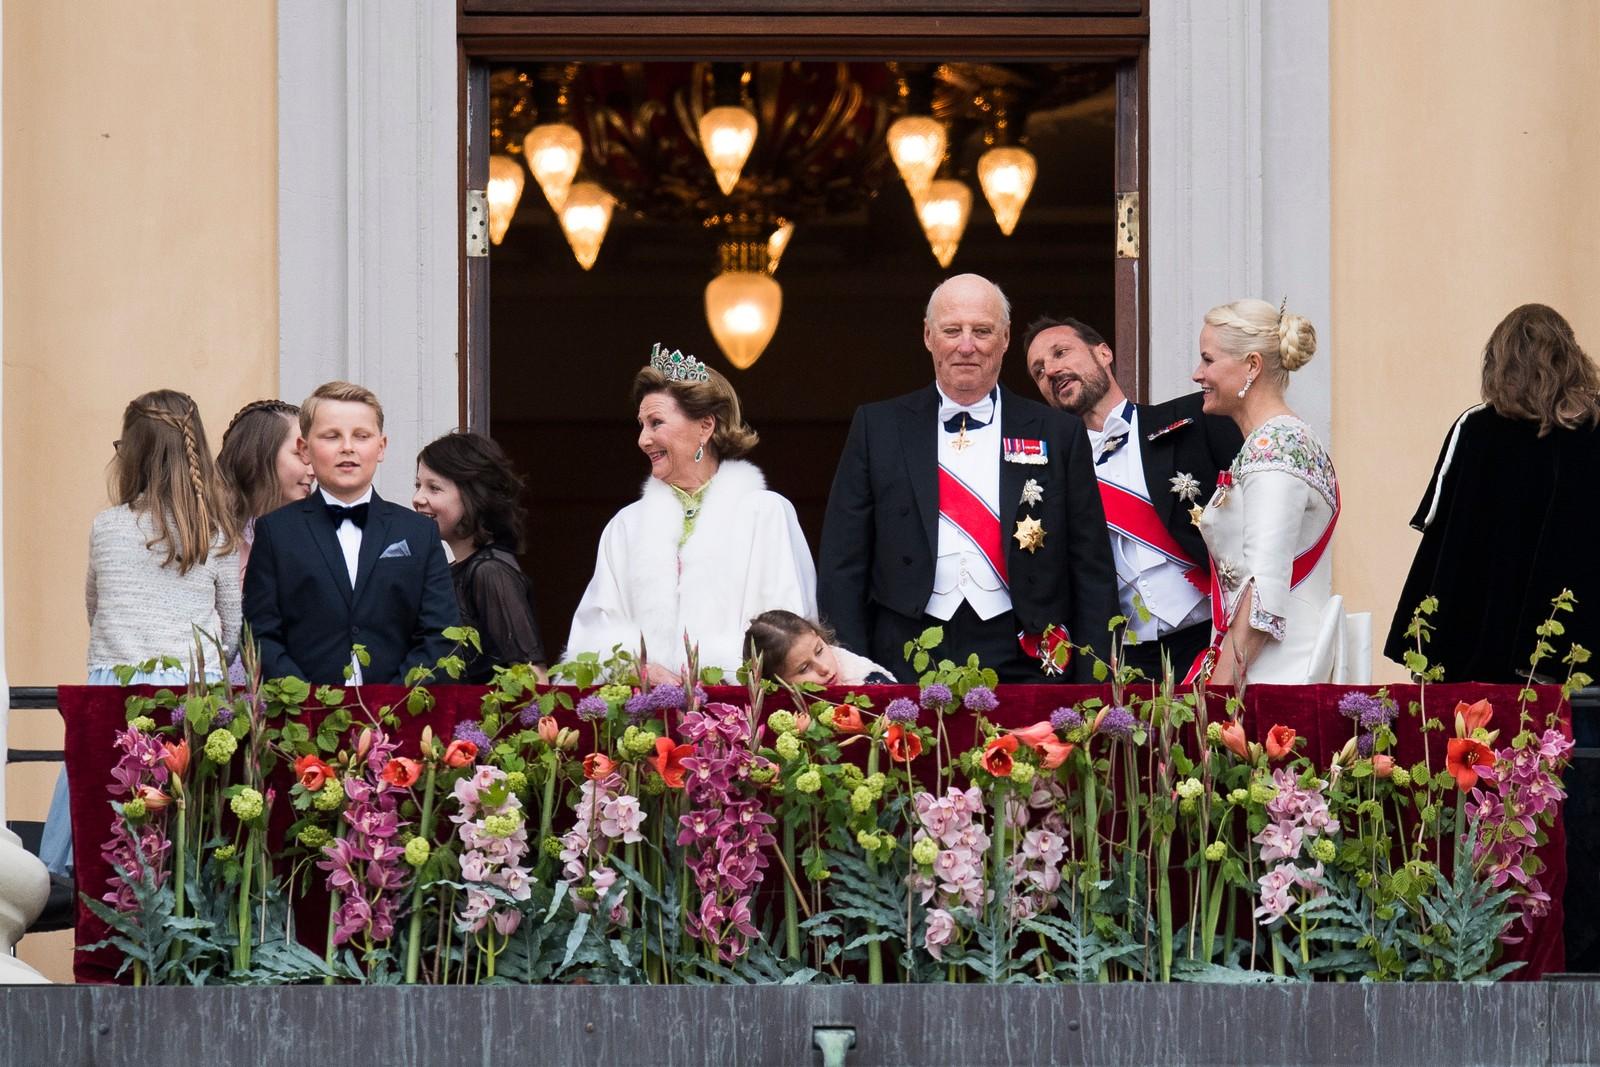 Kongeparet med kongelige gjester hilser publikum fra slottsbalkongen i anledning sin 80-årsfeiring. Leah Isadora Behn (f.v), prinsesse Ingrid Alexandra, prins Sverre Magnus, Maud Angelica Behn, dronning Sonja, Emma Tallulah Behn, kong Harald, kronprinsesse Mette-Marit, kronprins Haakon og Märtha Louise. Her danser kronprins Haakon under bursdagssangen.